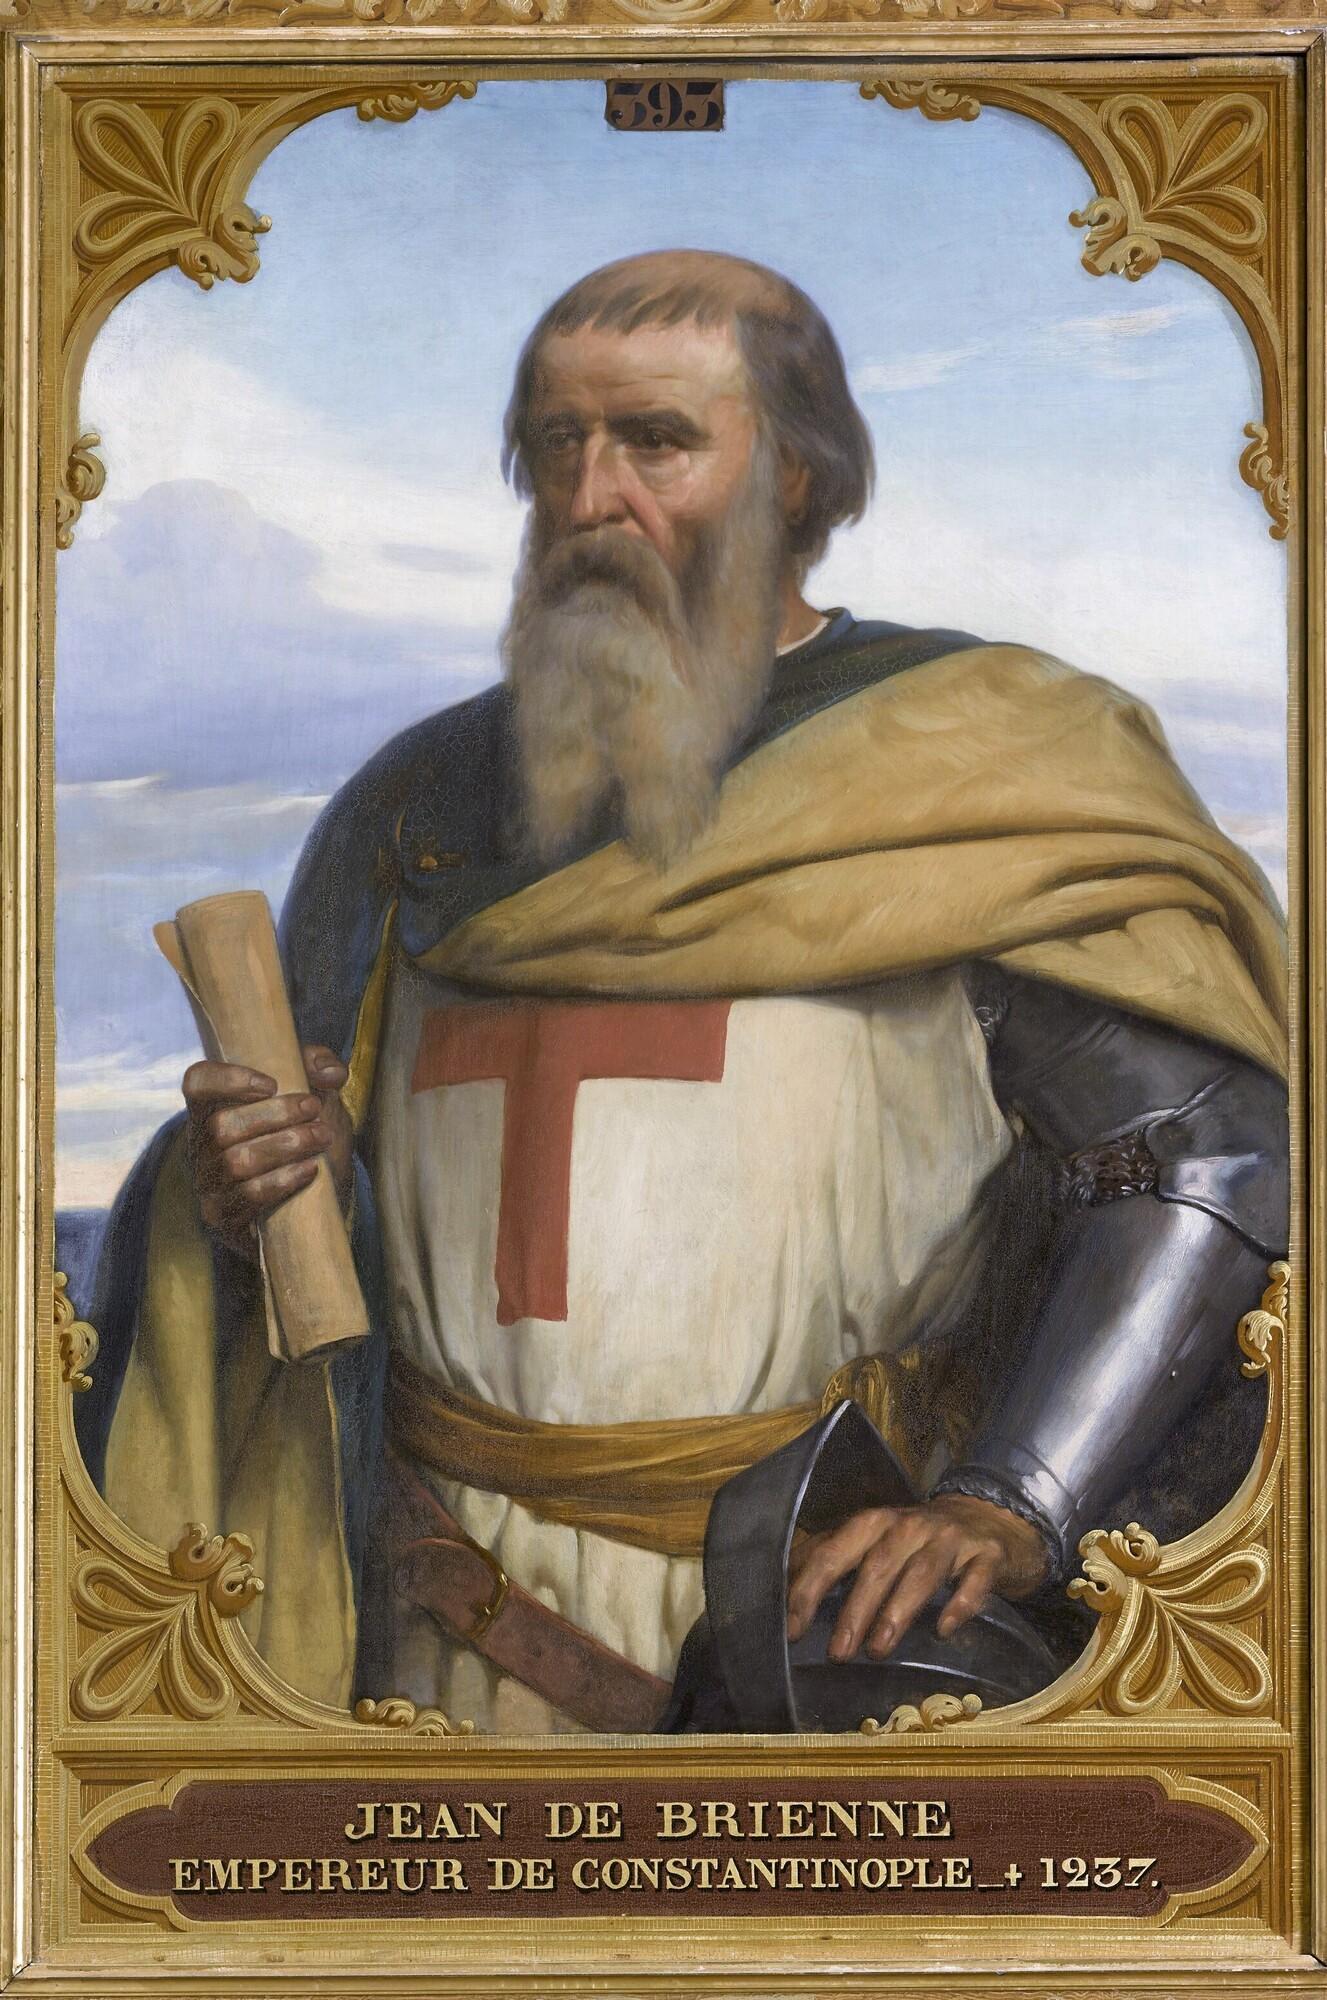 Jean de Brienne, roi de Jérusalem, empereur de Constantinople (1148-1237). Peintre : François-Édouard Picot.